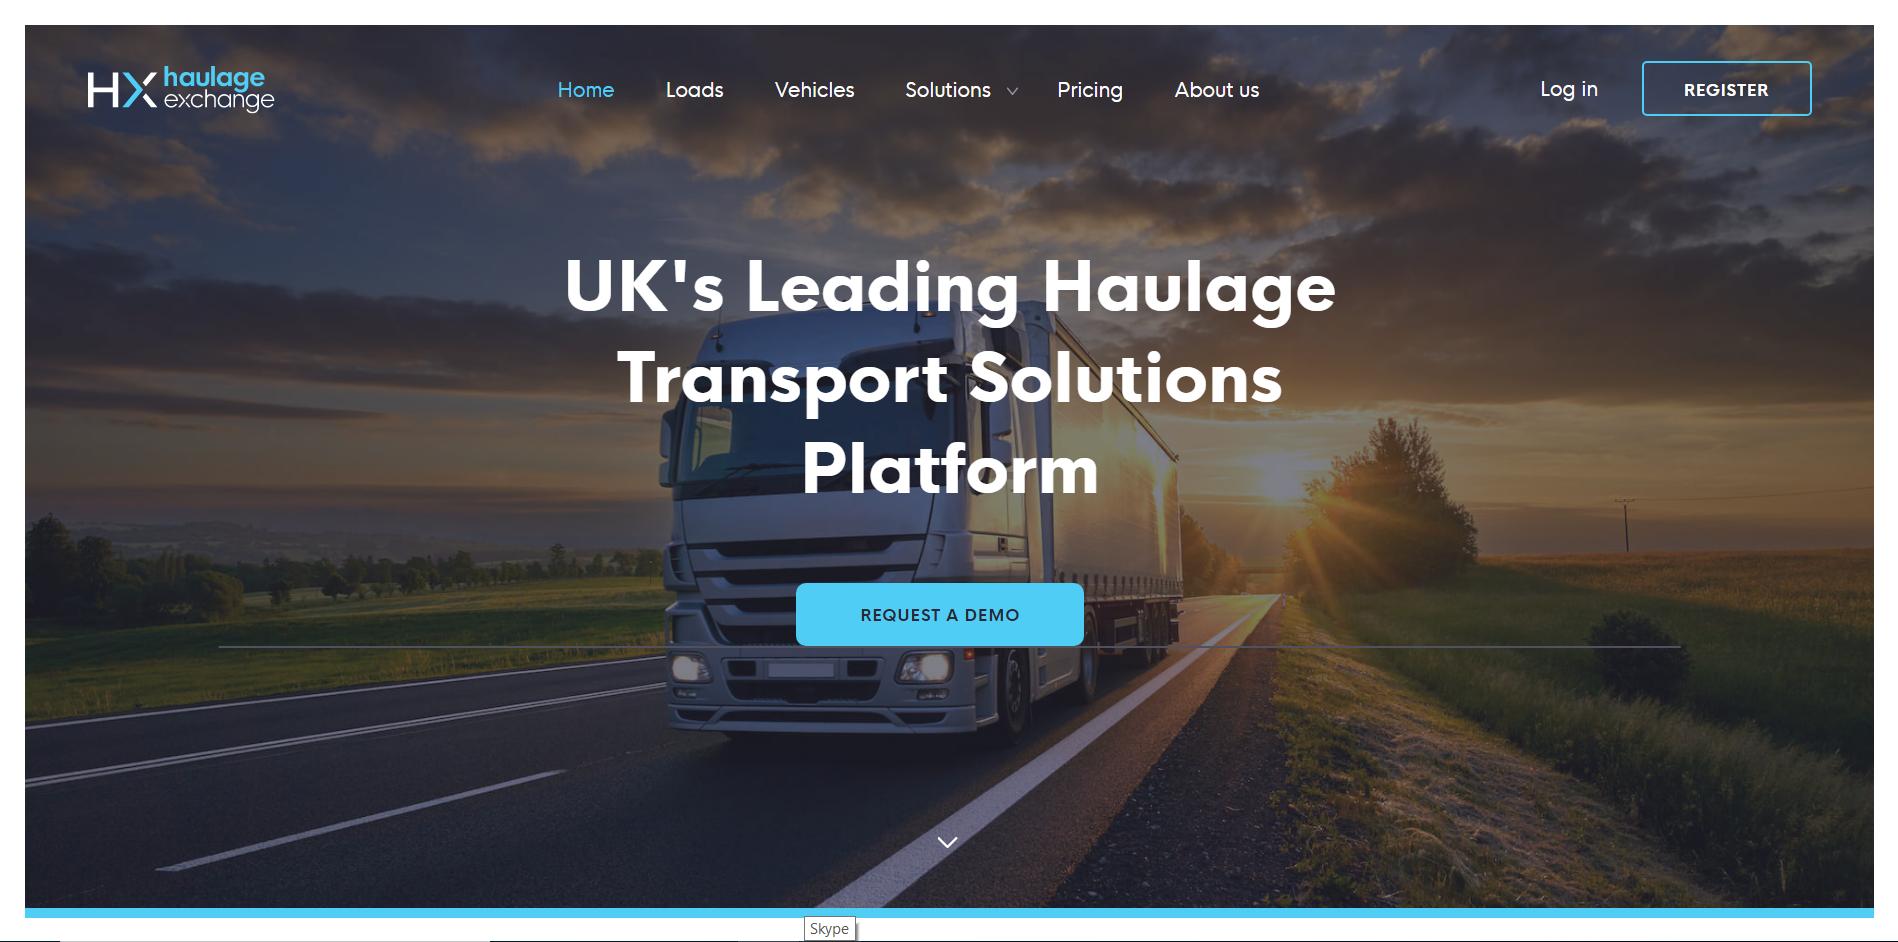 HX Haulage Exchange